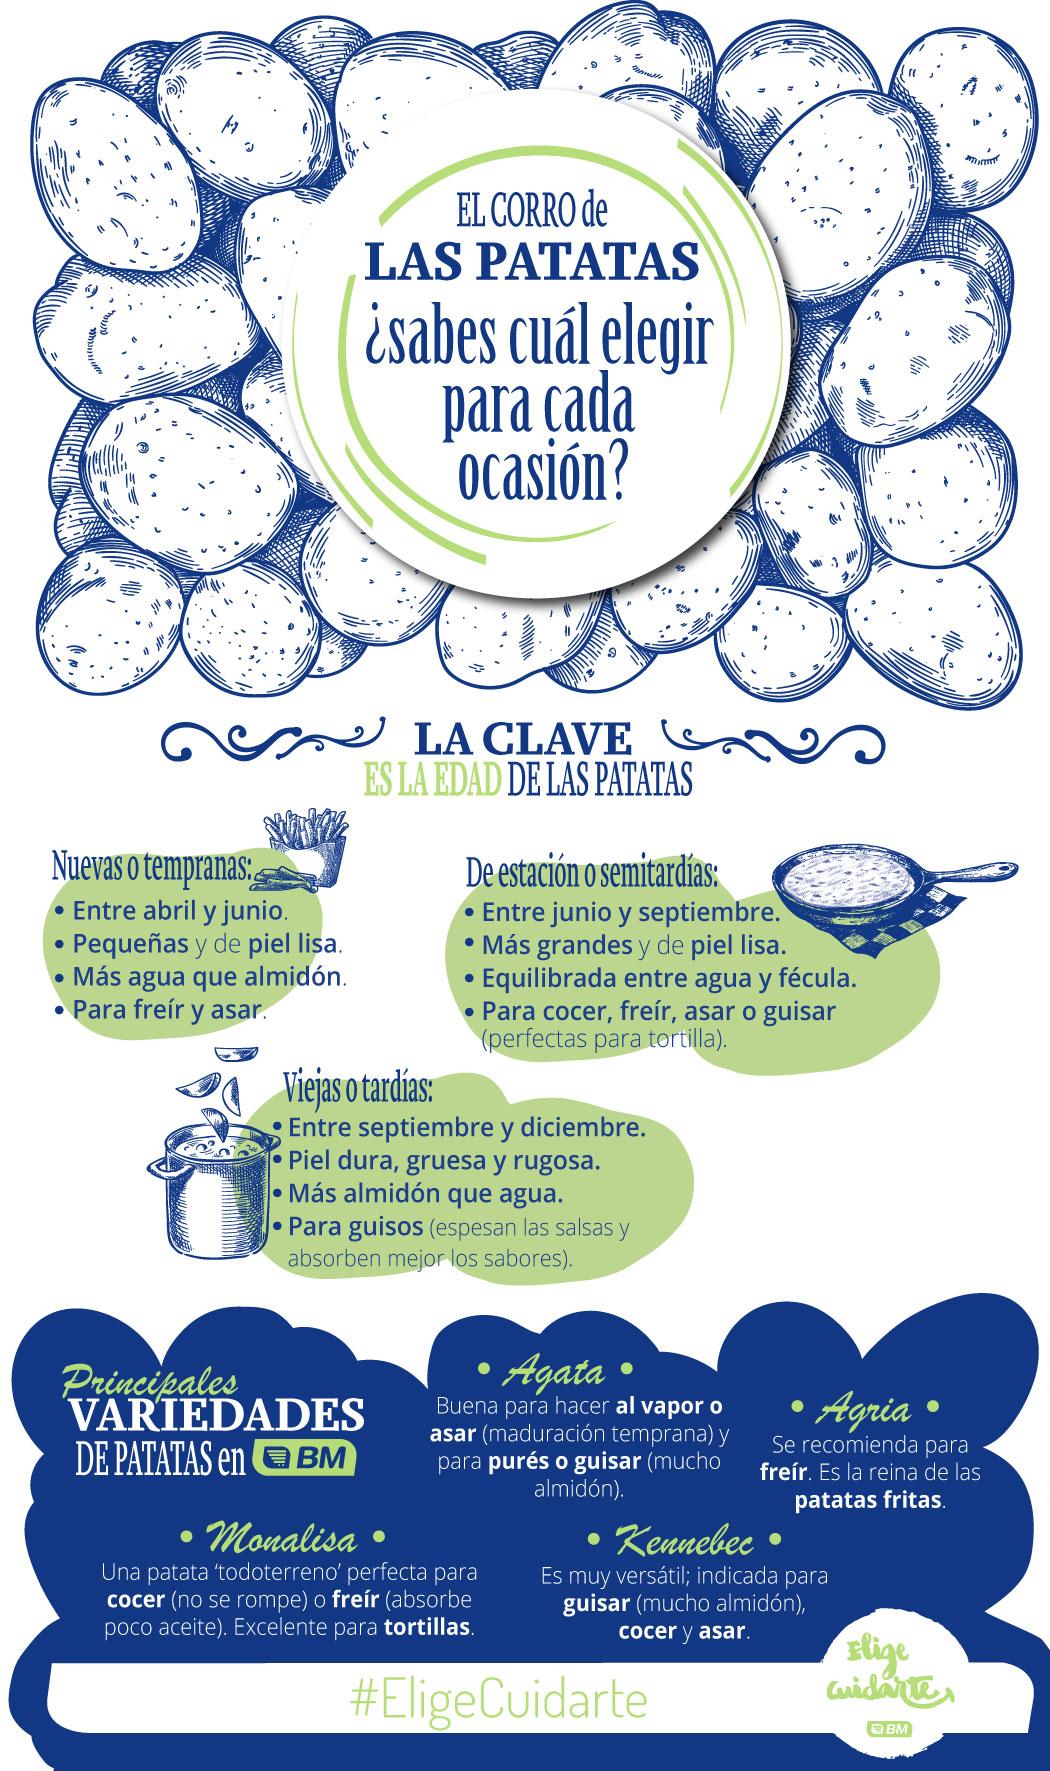 El corro de las patatas: ¿sabes cuál elegir para cada ocasión?